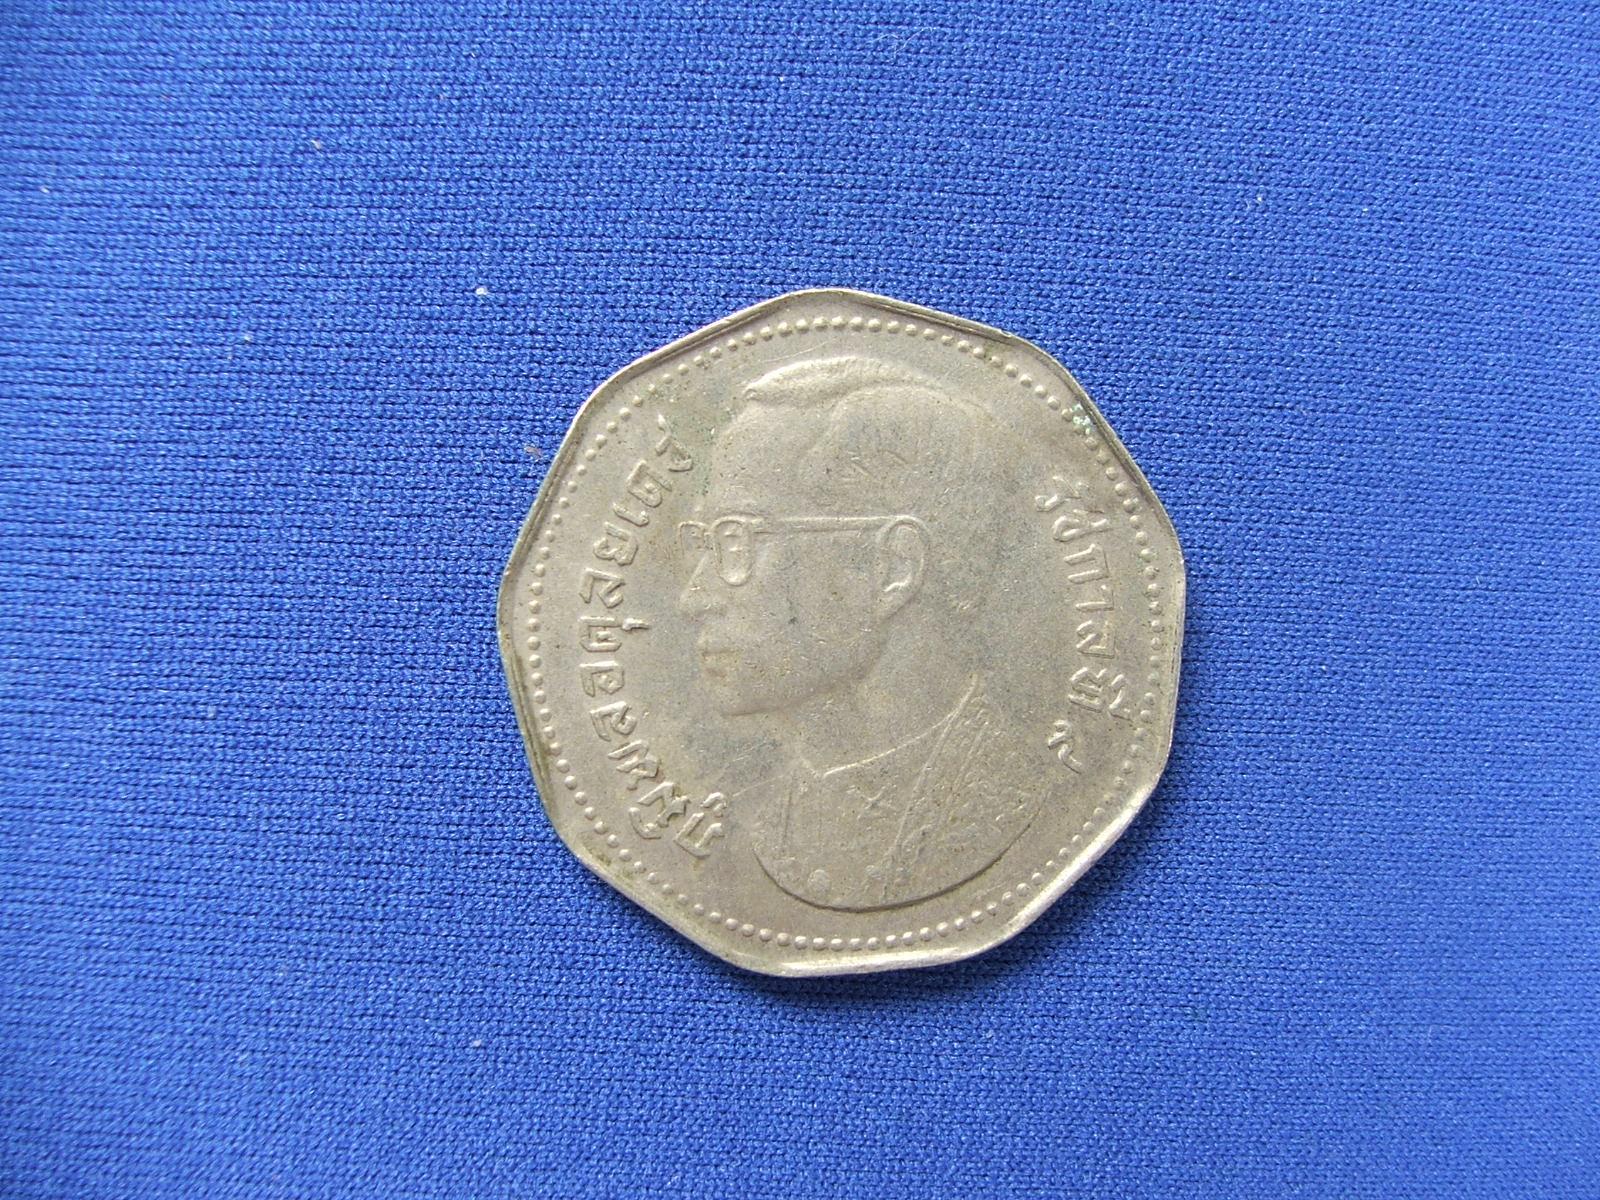 เหรียญ ๕ บาท ครุฑ ๙ เหลี่ยม ๒๕๑๕